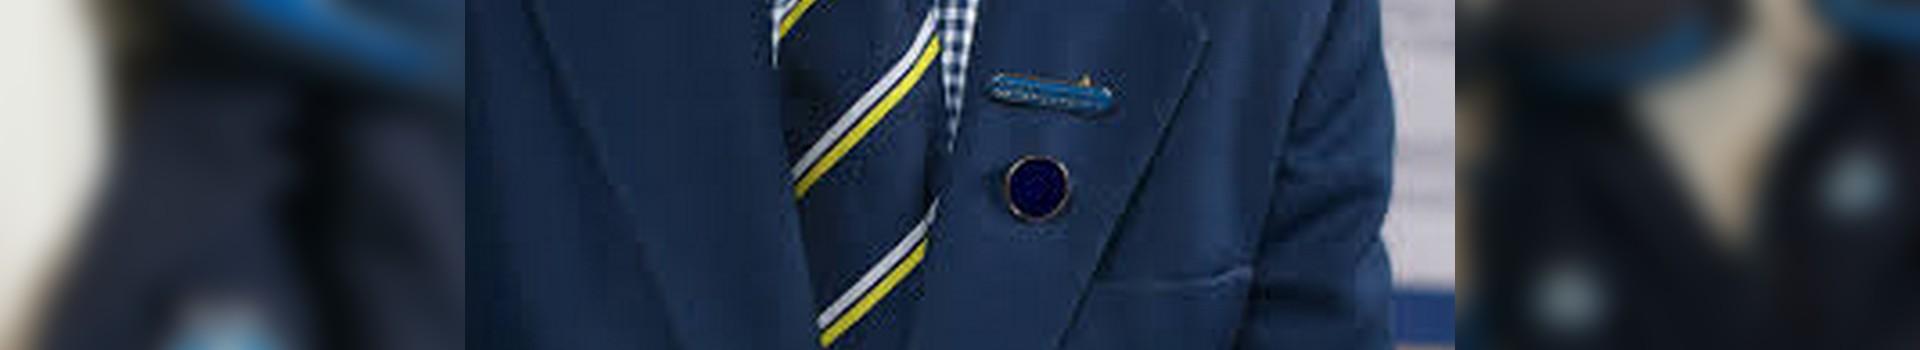 tienda de uniformes laborales madrid norte, ropa deportiva alcobendas